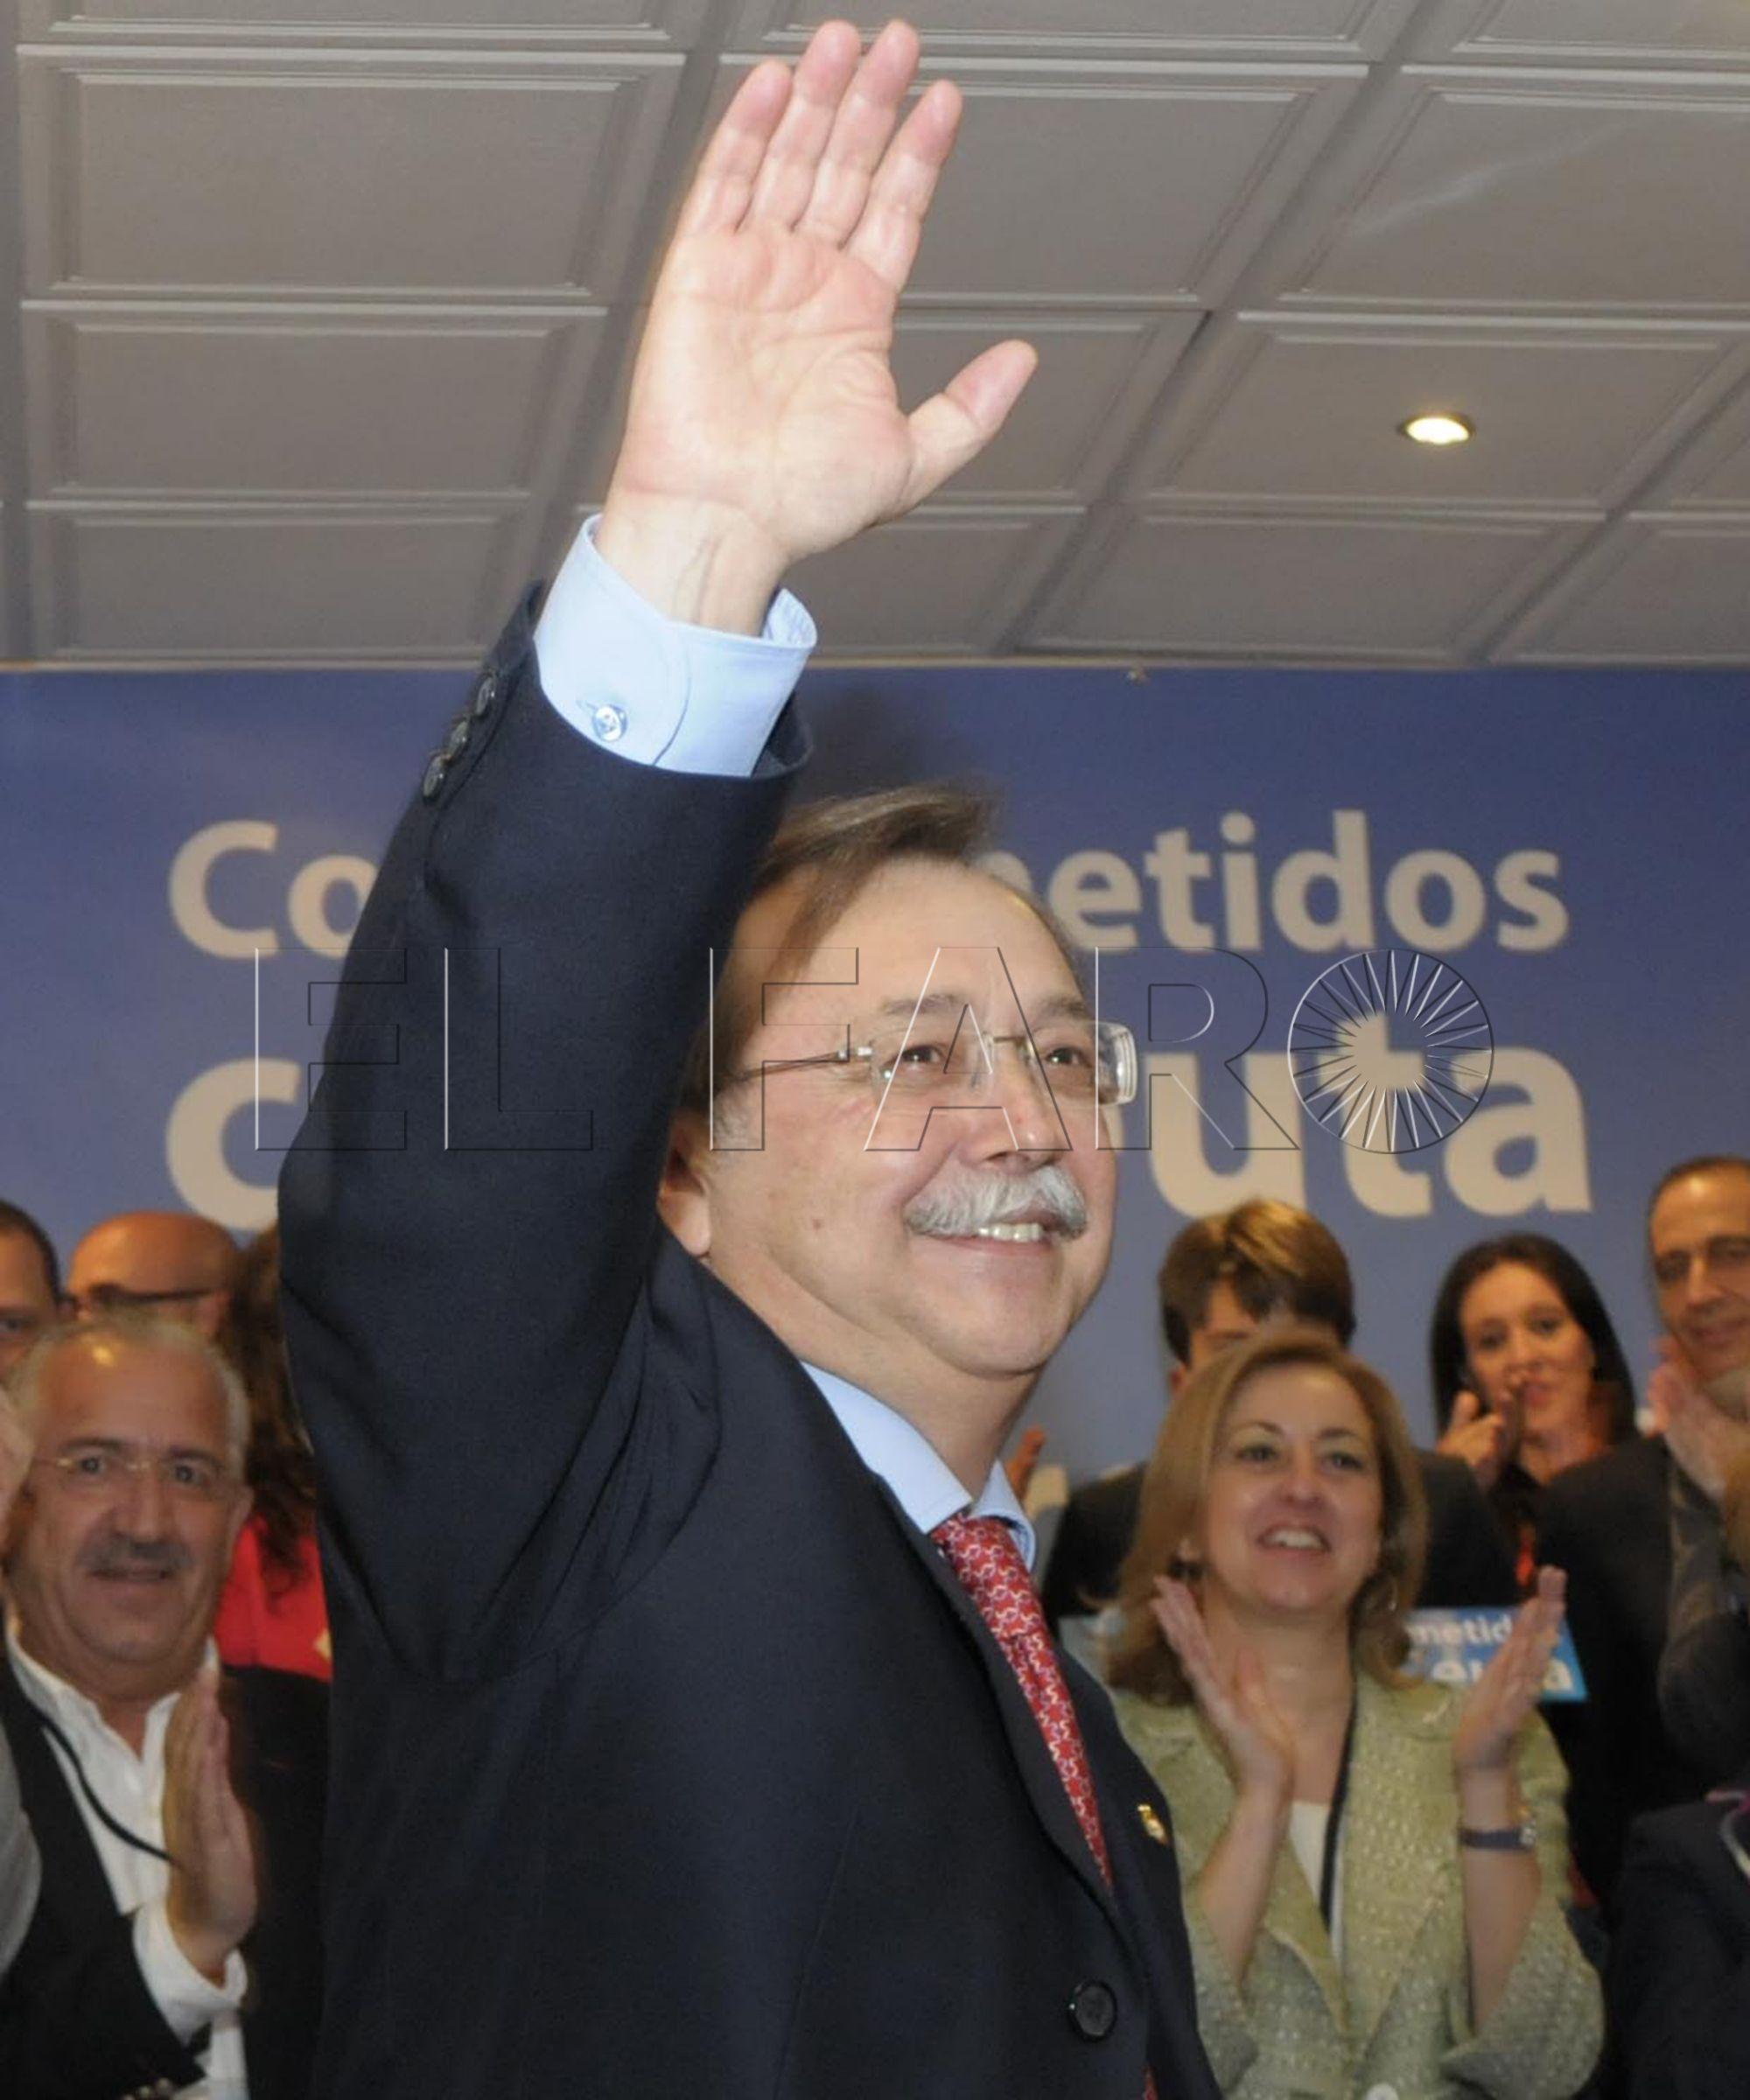 Vivas será reelegido hoy como presidente de los populares ceutíes